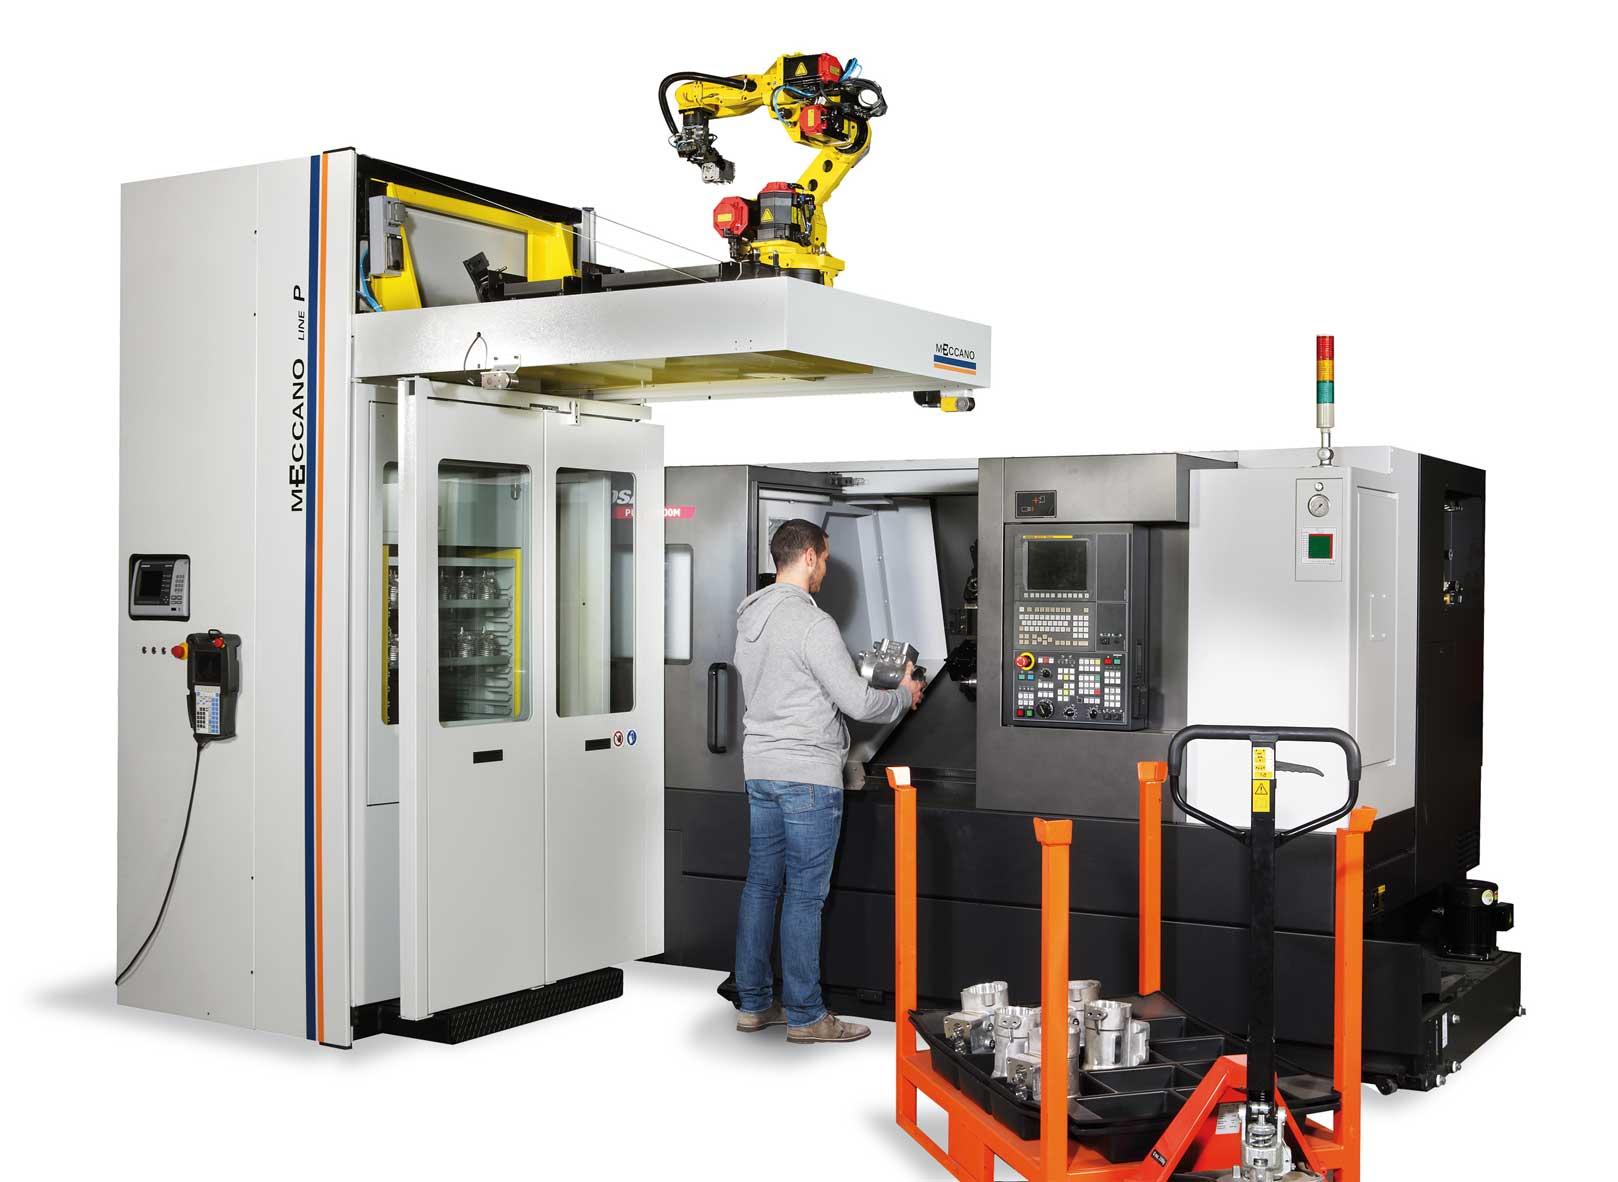 cassettiera robotizzata meccano in lavorazione manuale